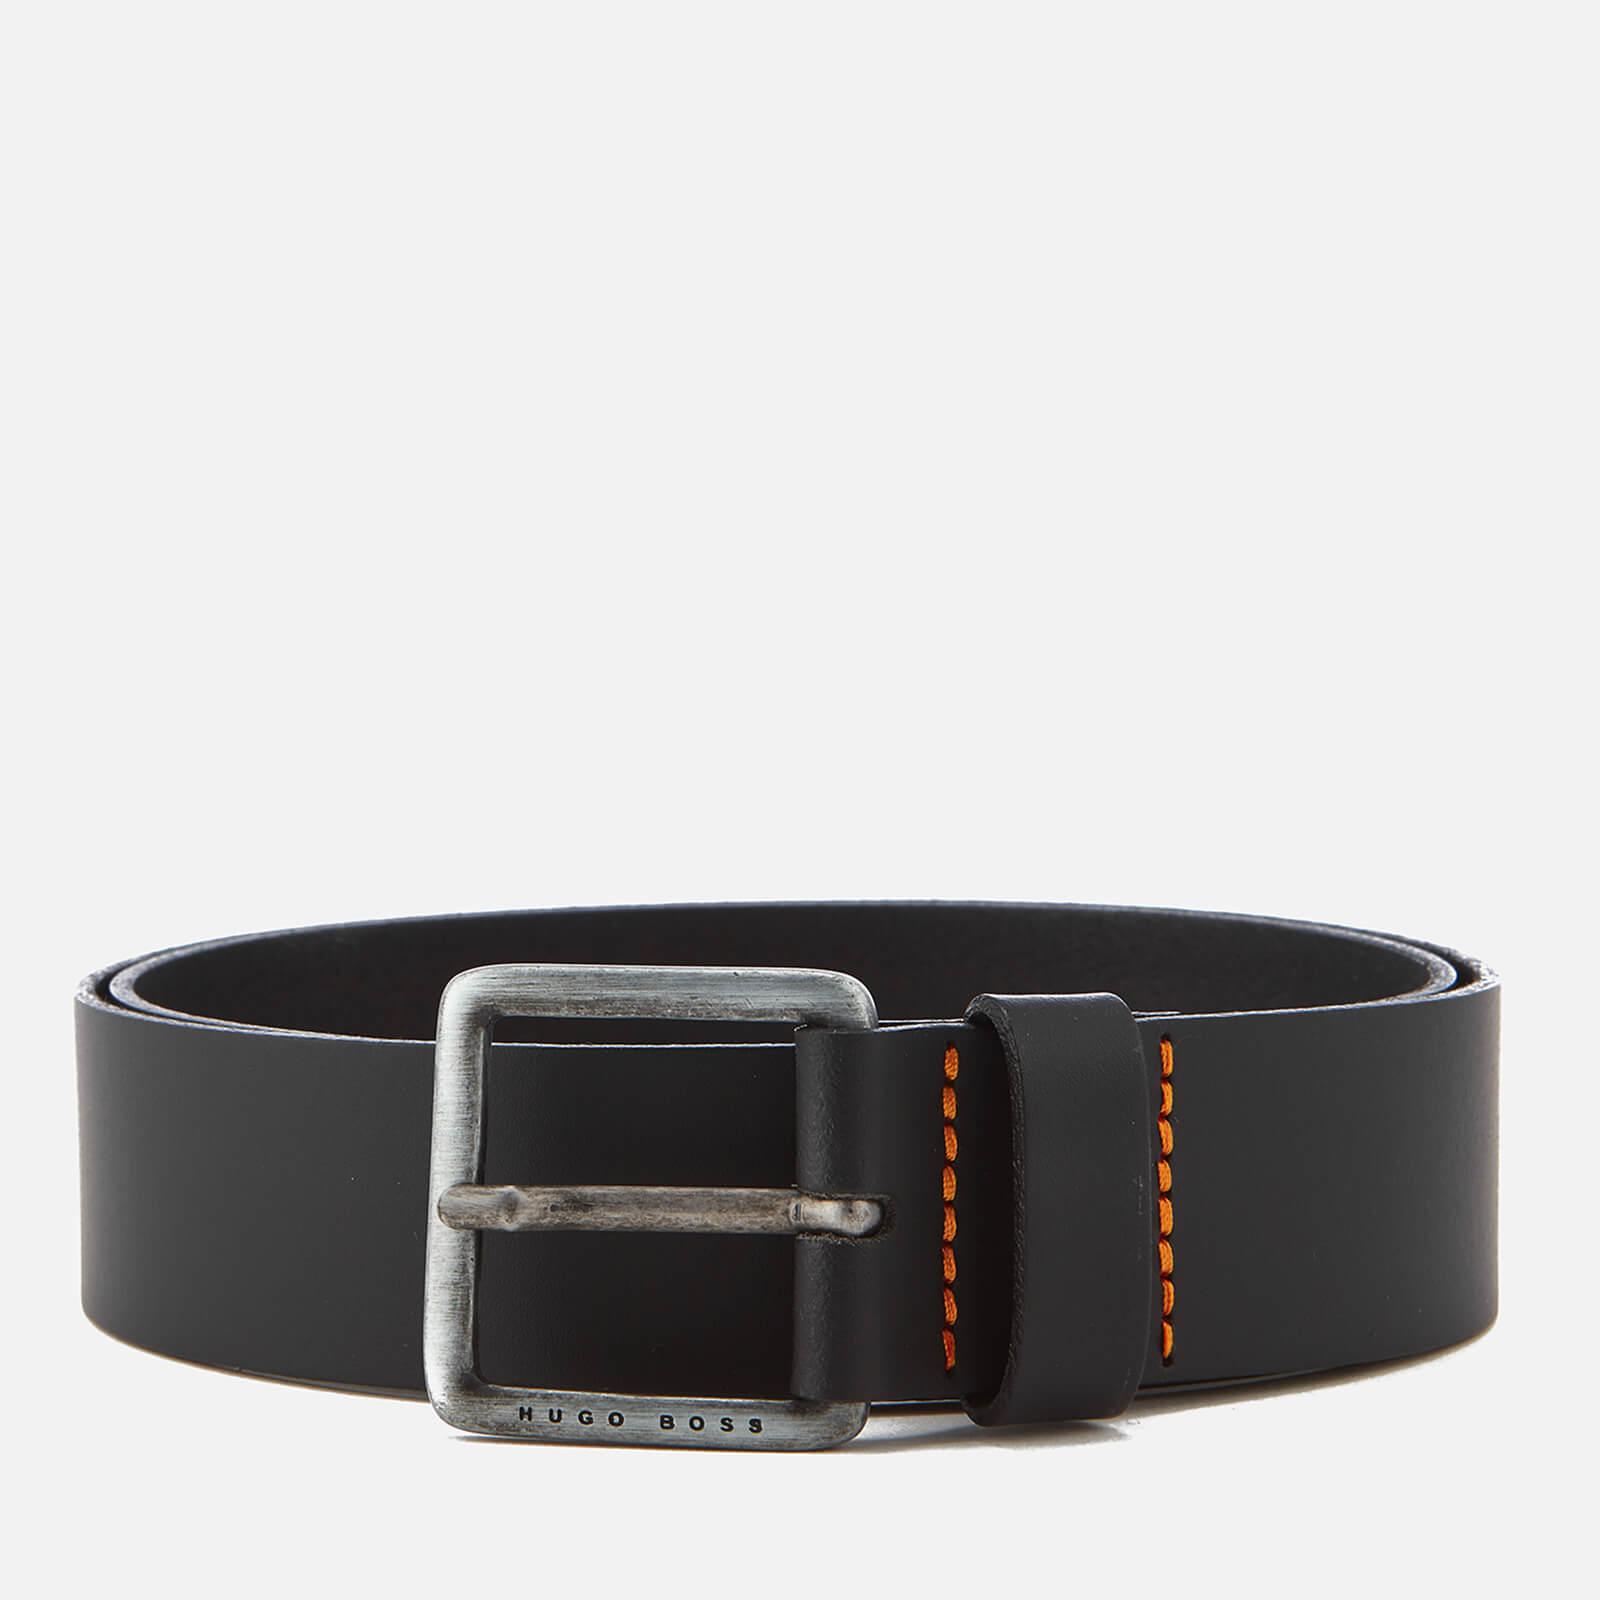 Boss Men's Jeeko Leather Belt - Black - 100cm/W38